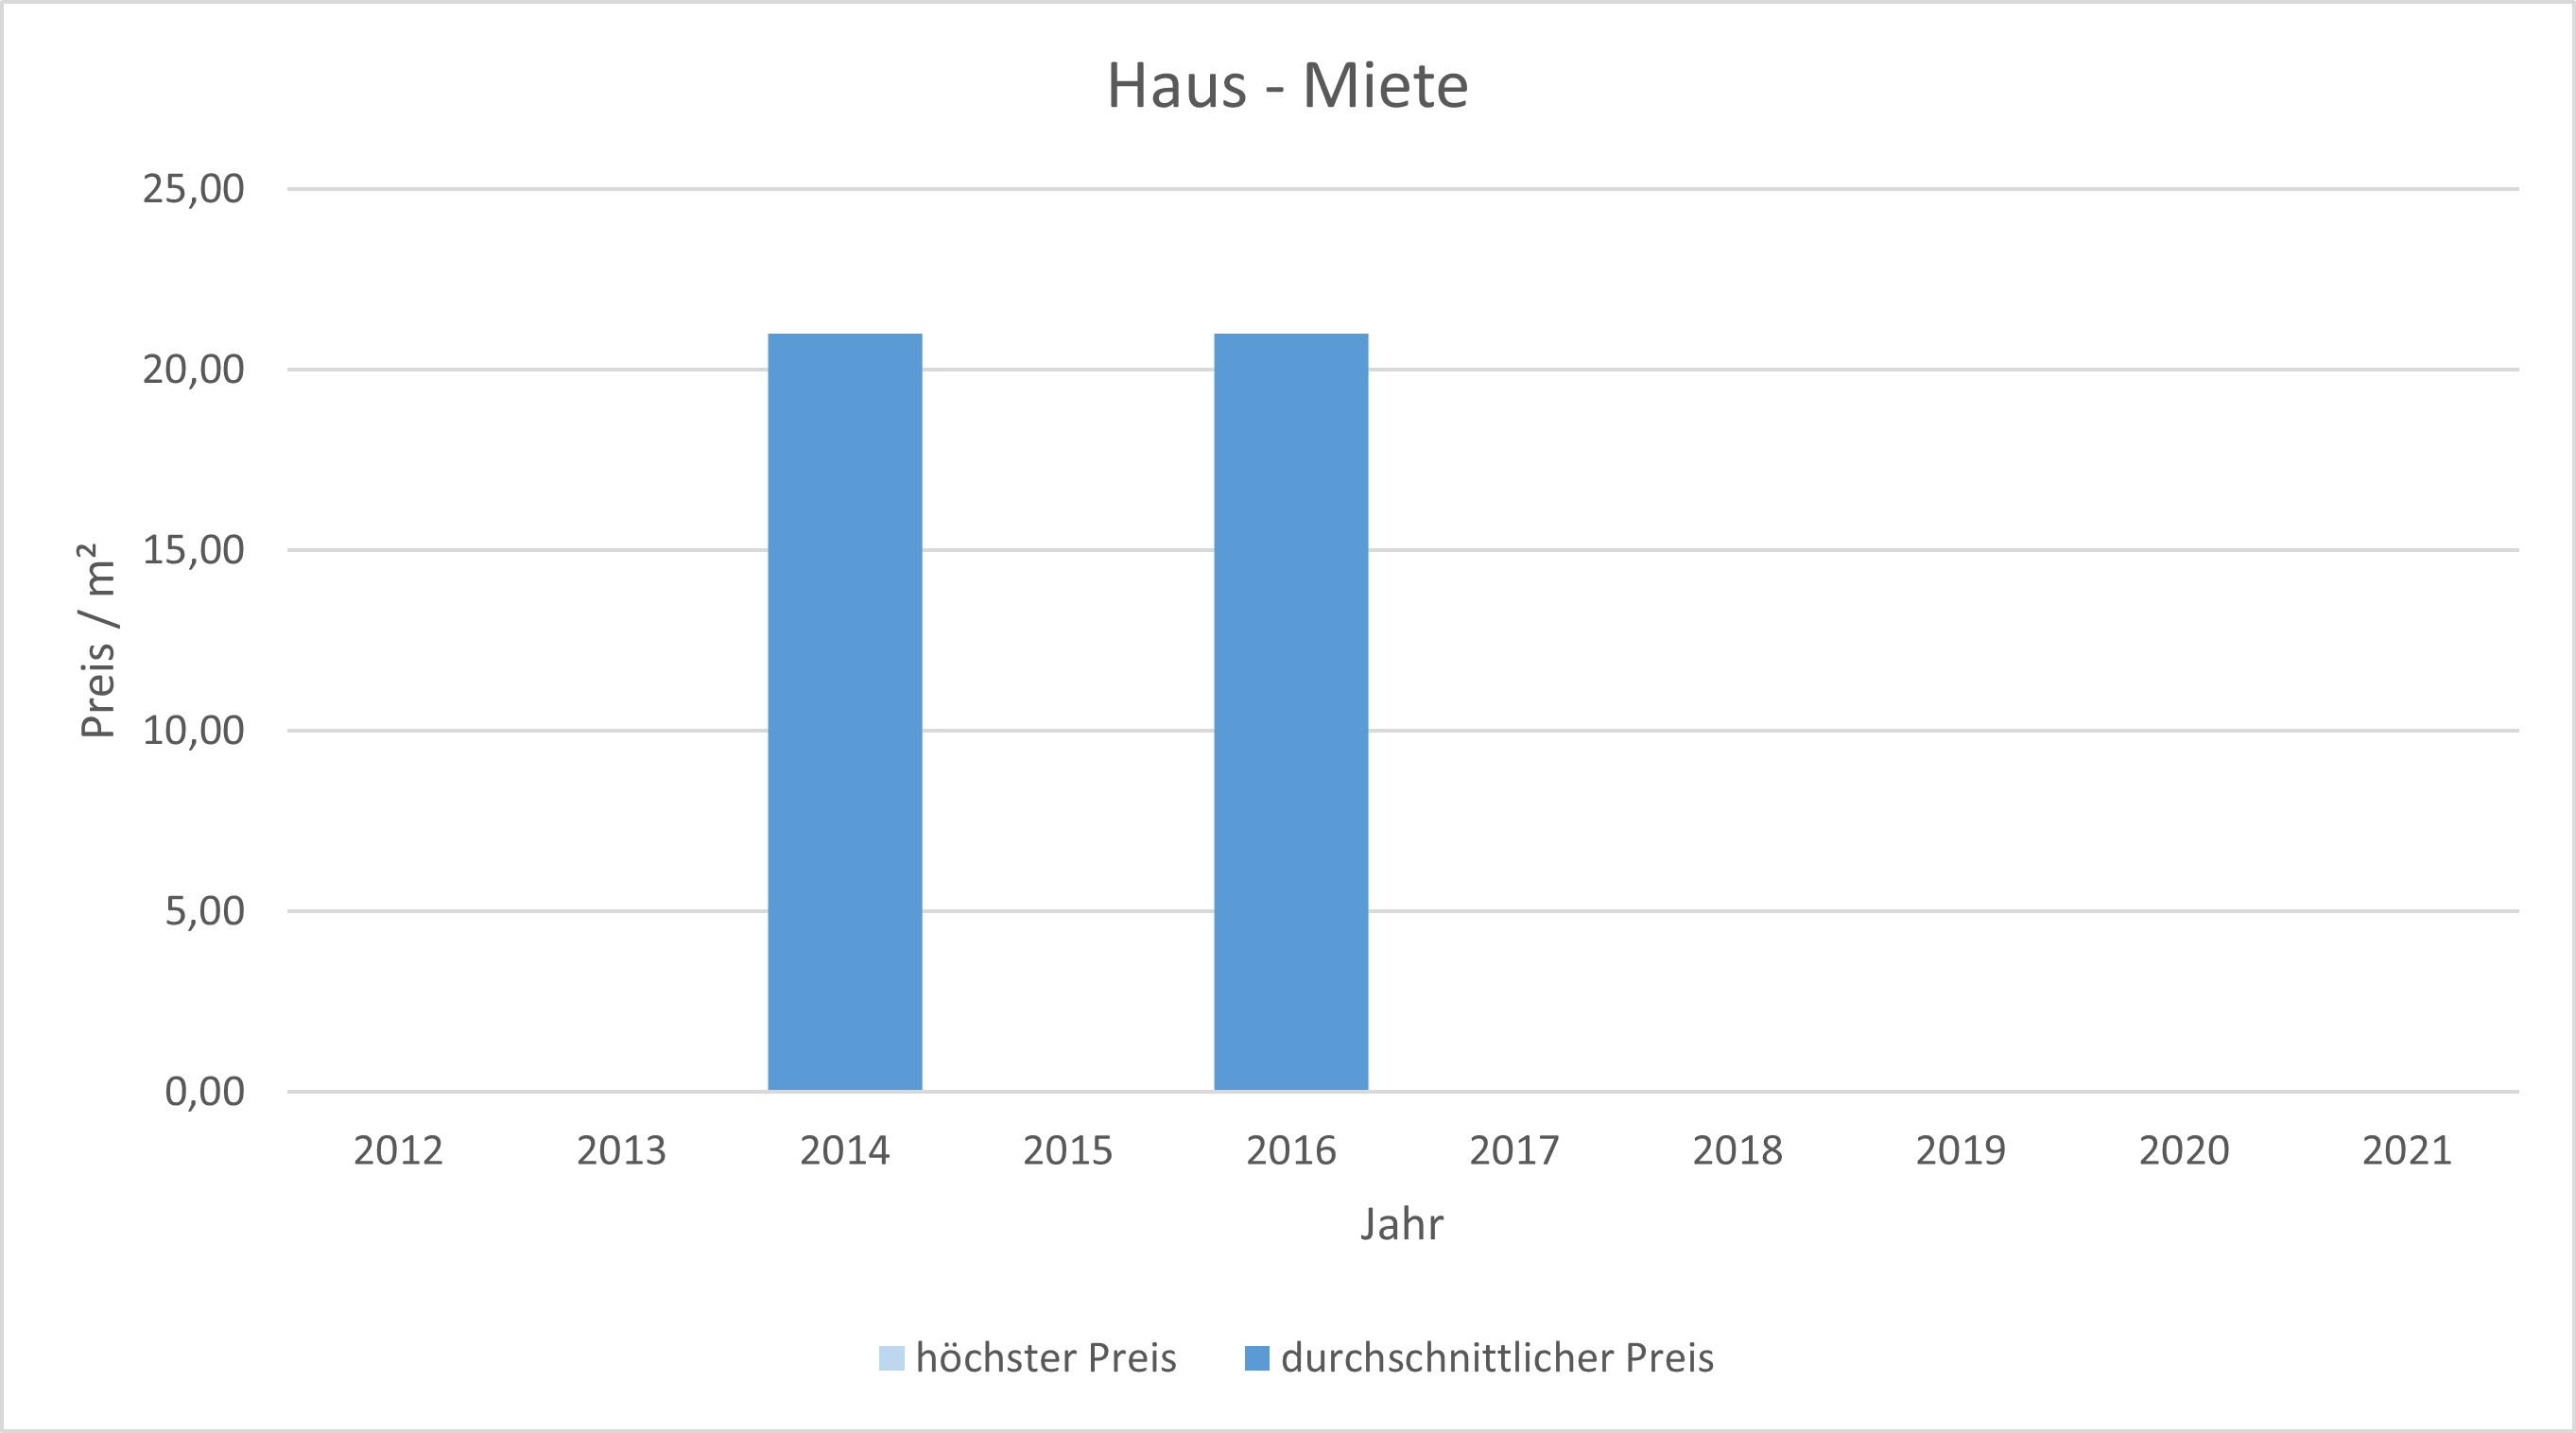 München - Denning Haus mieten vermieten Preis Bewertung Makler www.happy-immo.de 2019 2020 2021